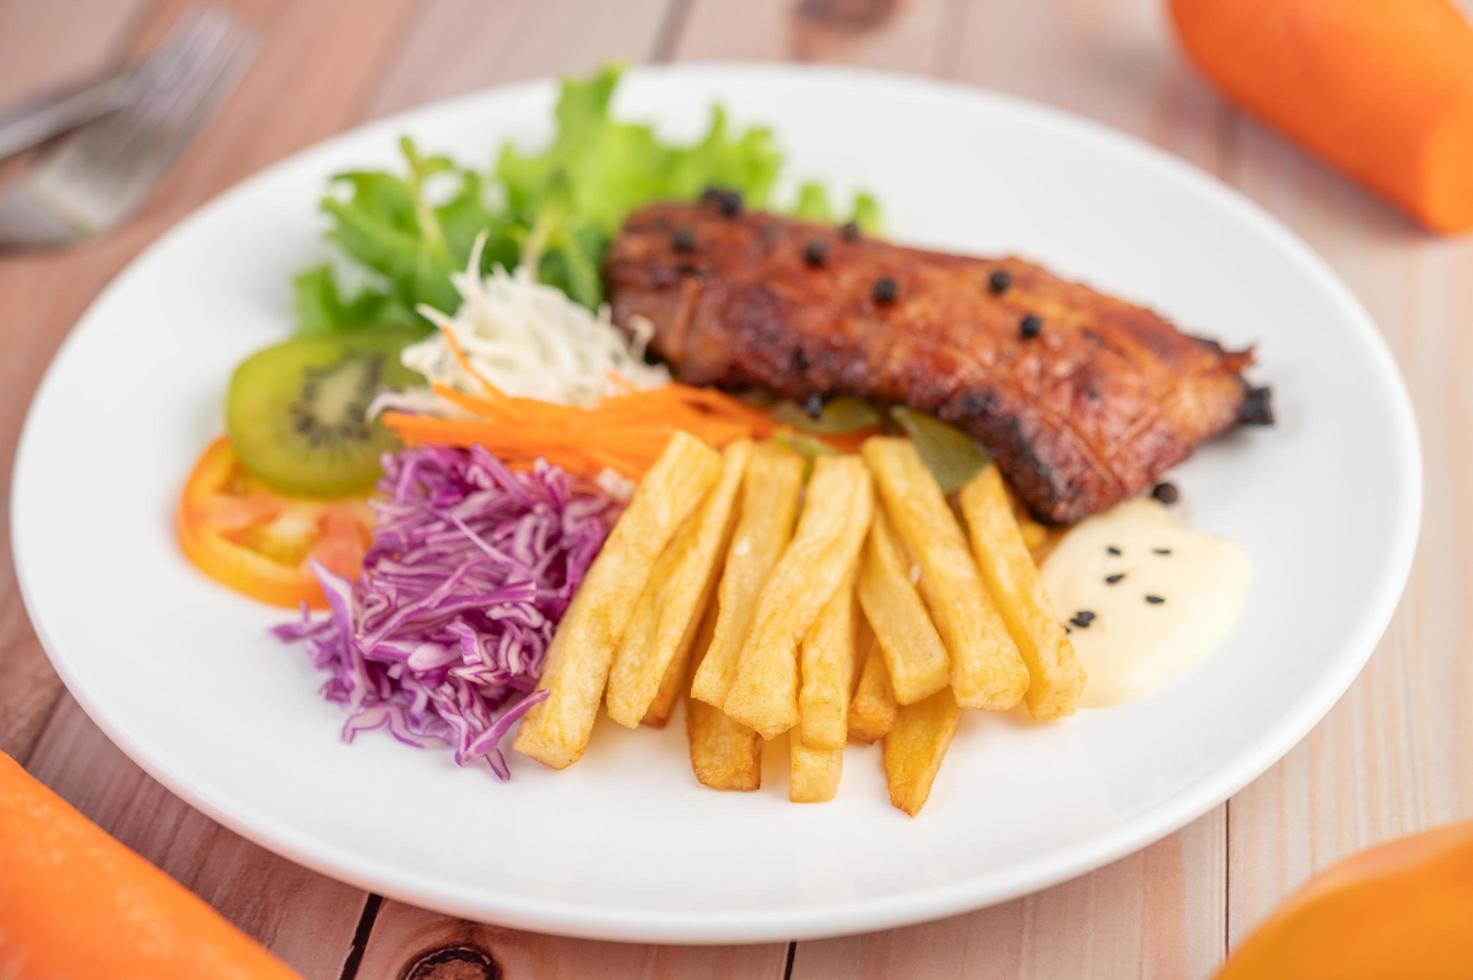 bife de peixe com batata frita, frutas e vegetais foto